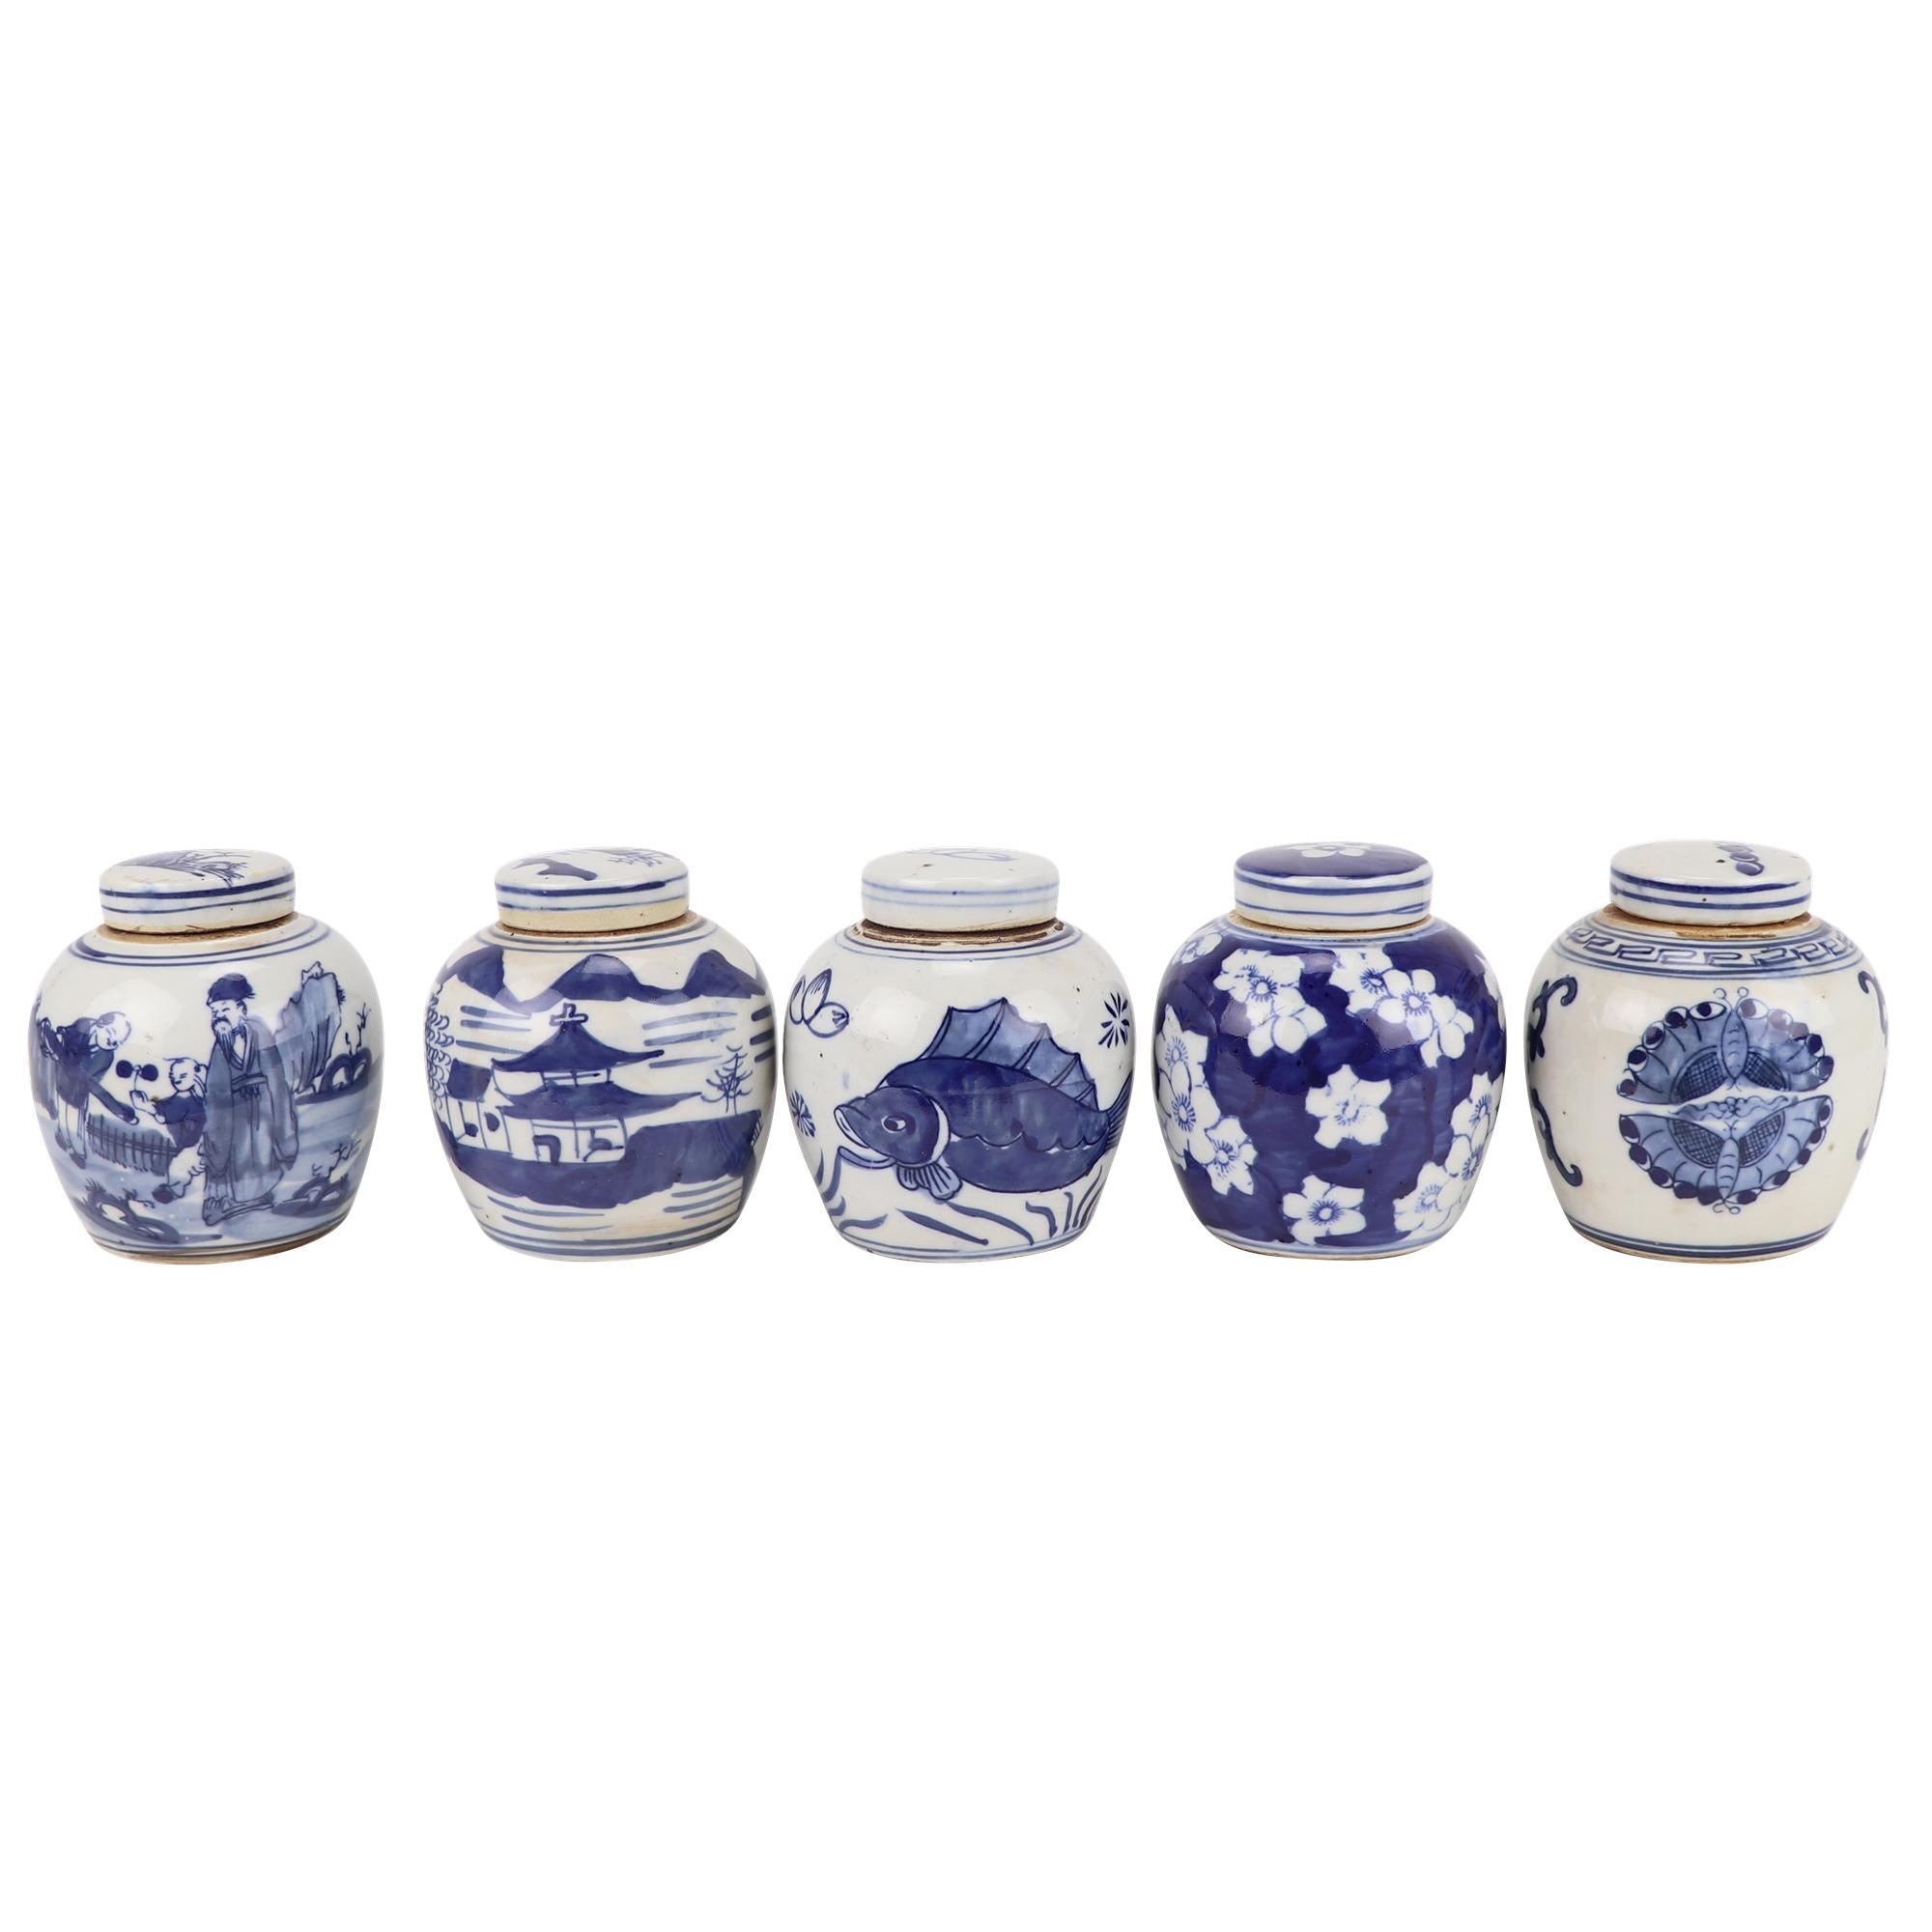 RZKT36-A/B/C/D/E 青花瓷五种不同设计的陶罐